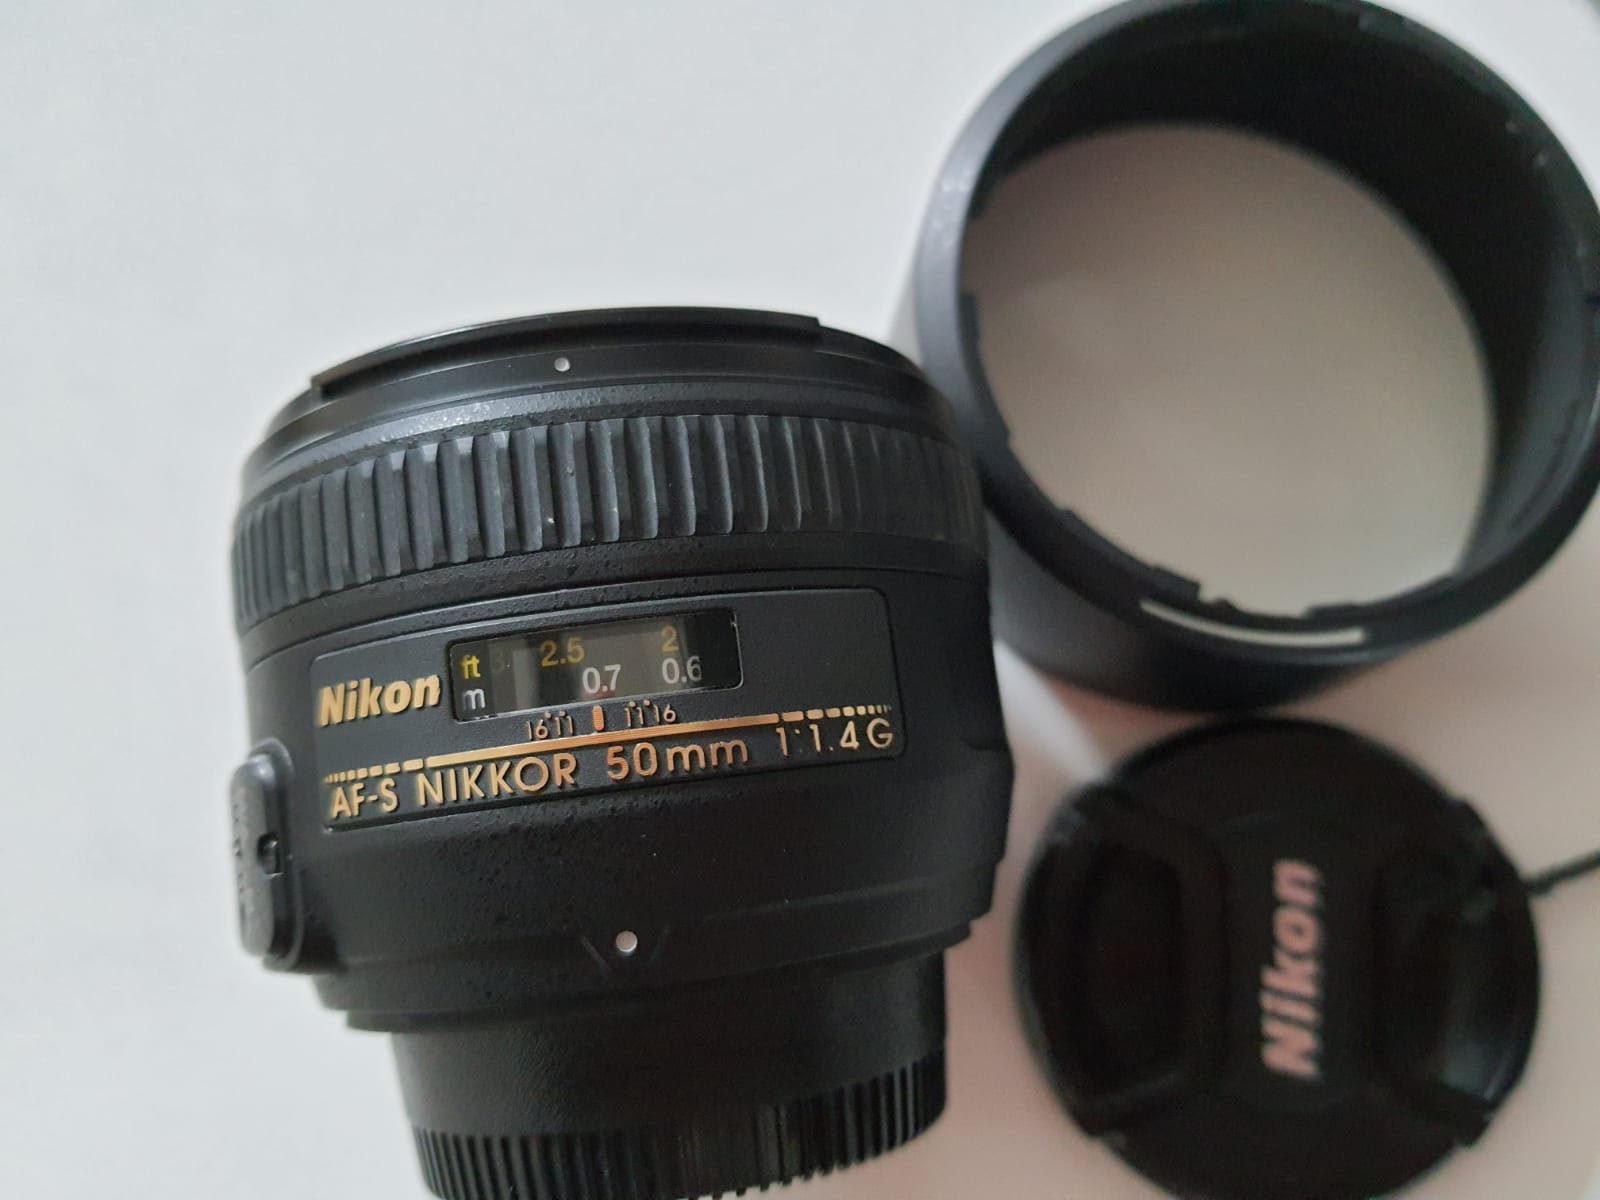 Nikon AF-S 50 mm f/1,4 G - Matériel photo d'occasion